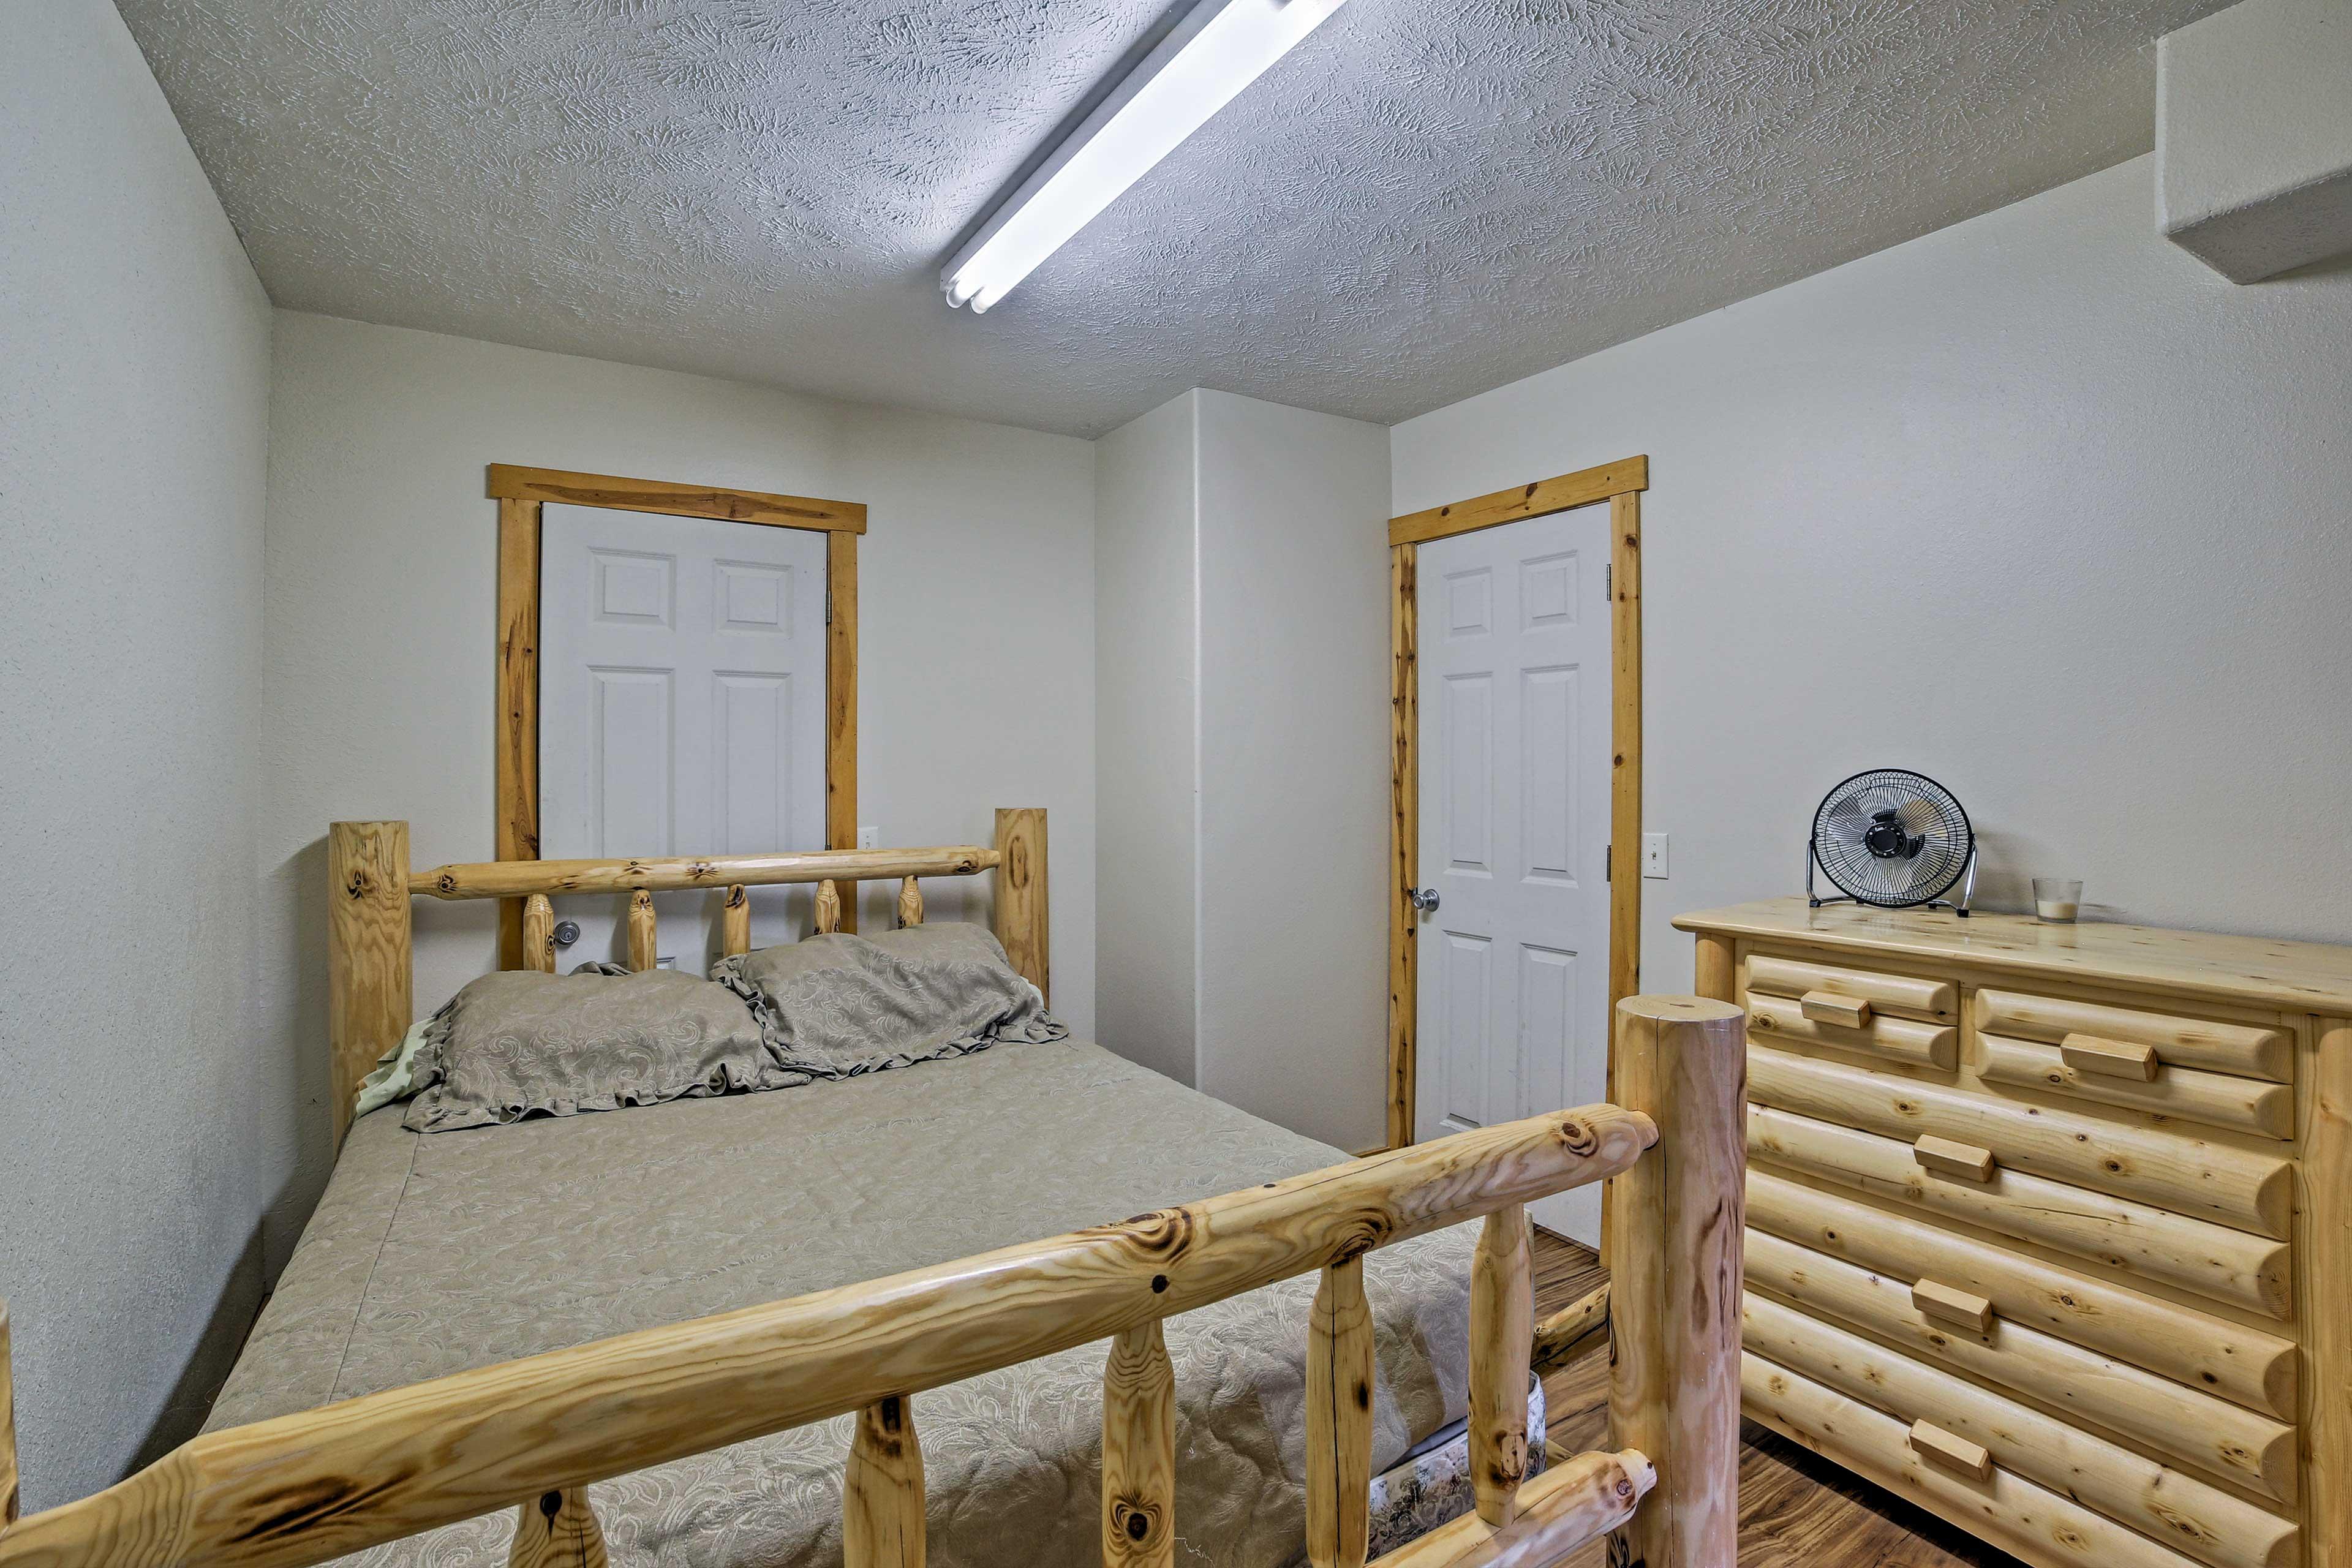 Bedroom 4 includes a cozy queen bed.